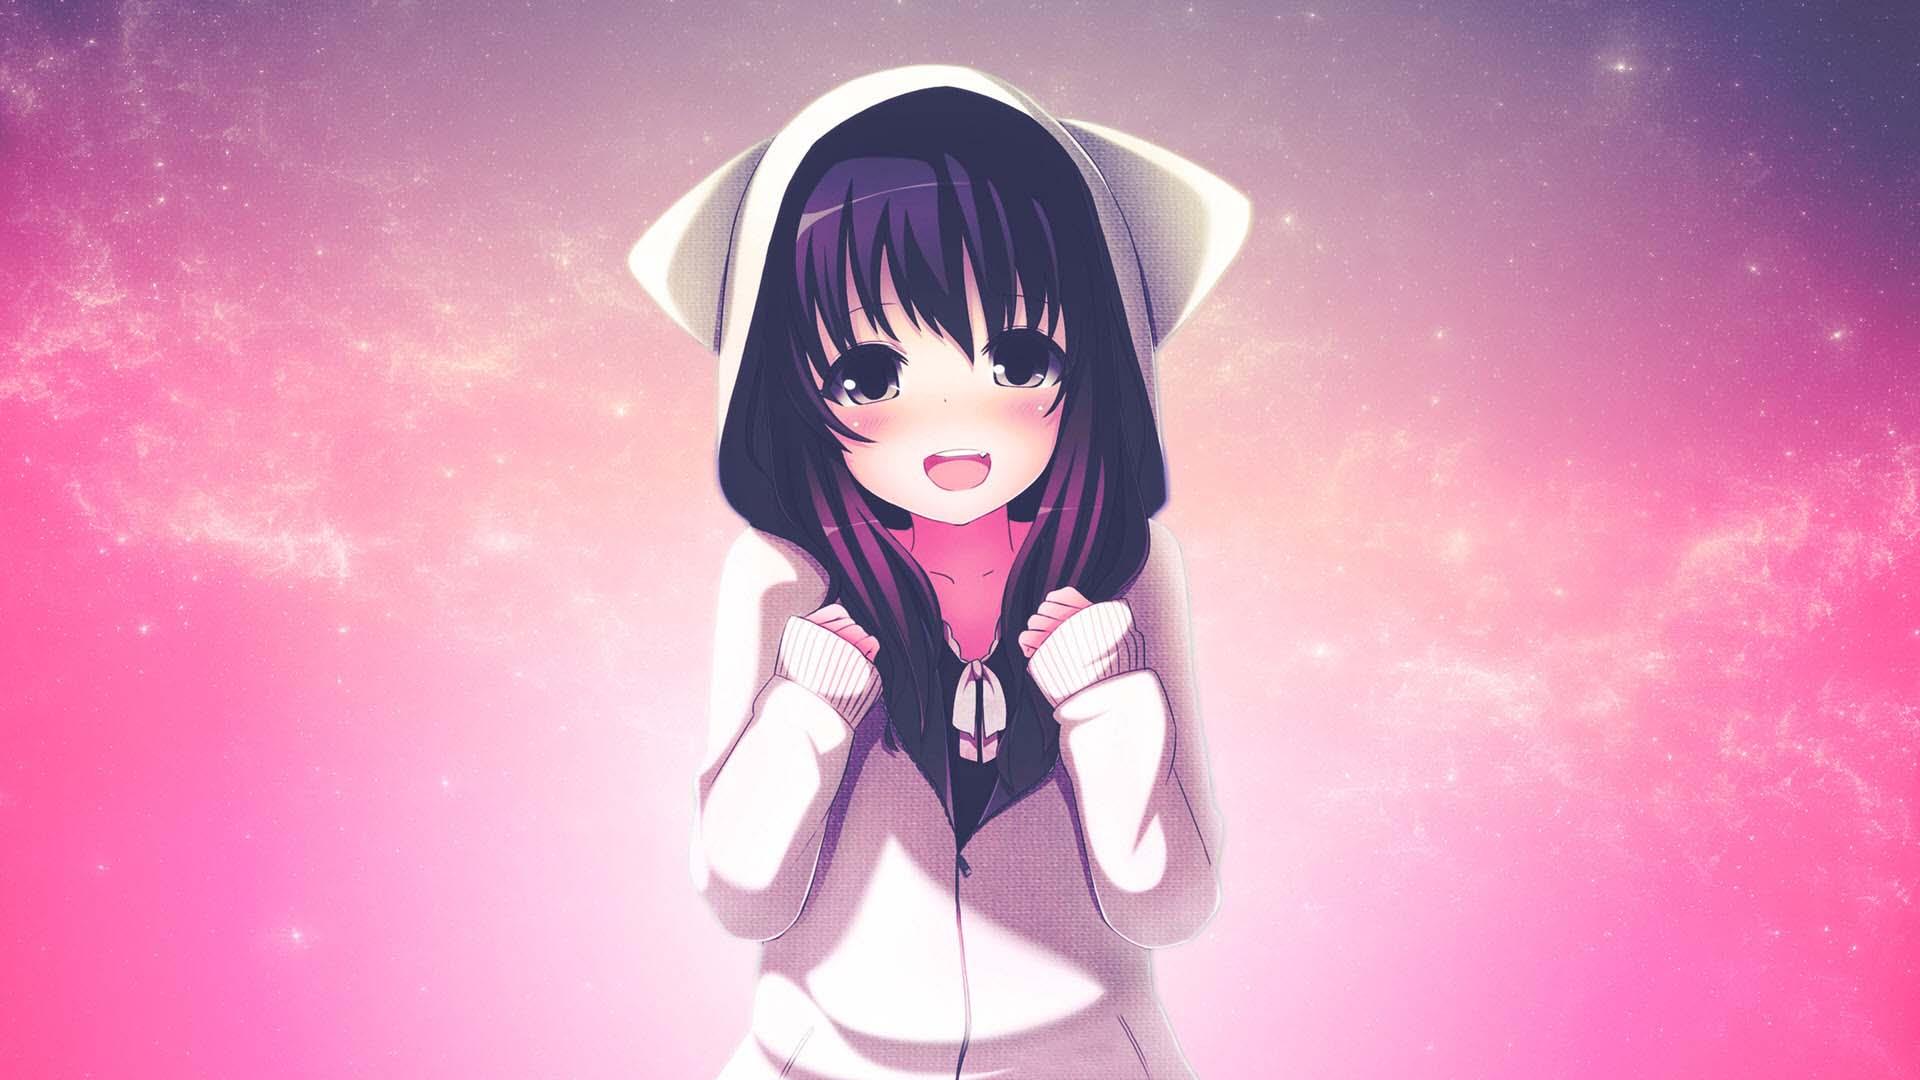 Hình anime cô gái dễ thương mặc áo tai mèo